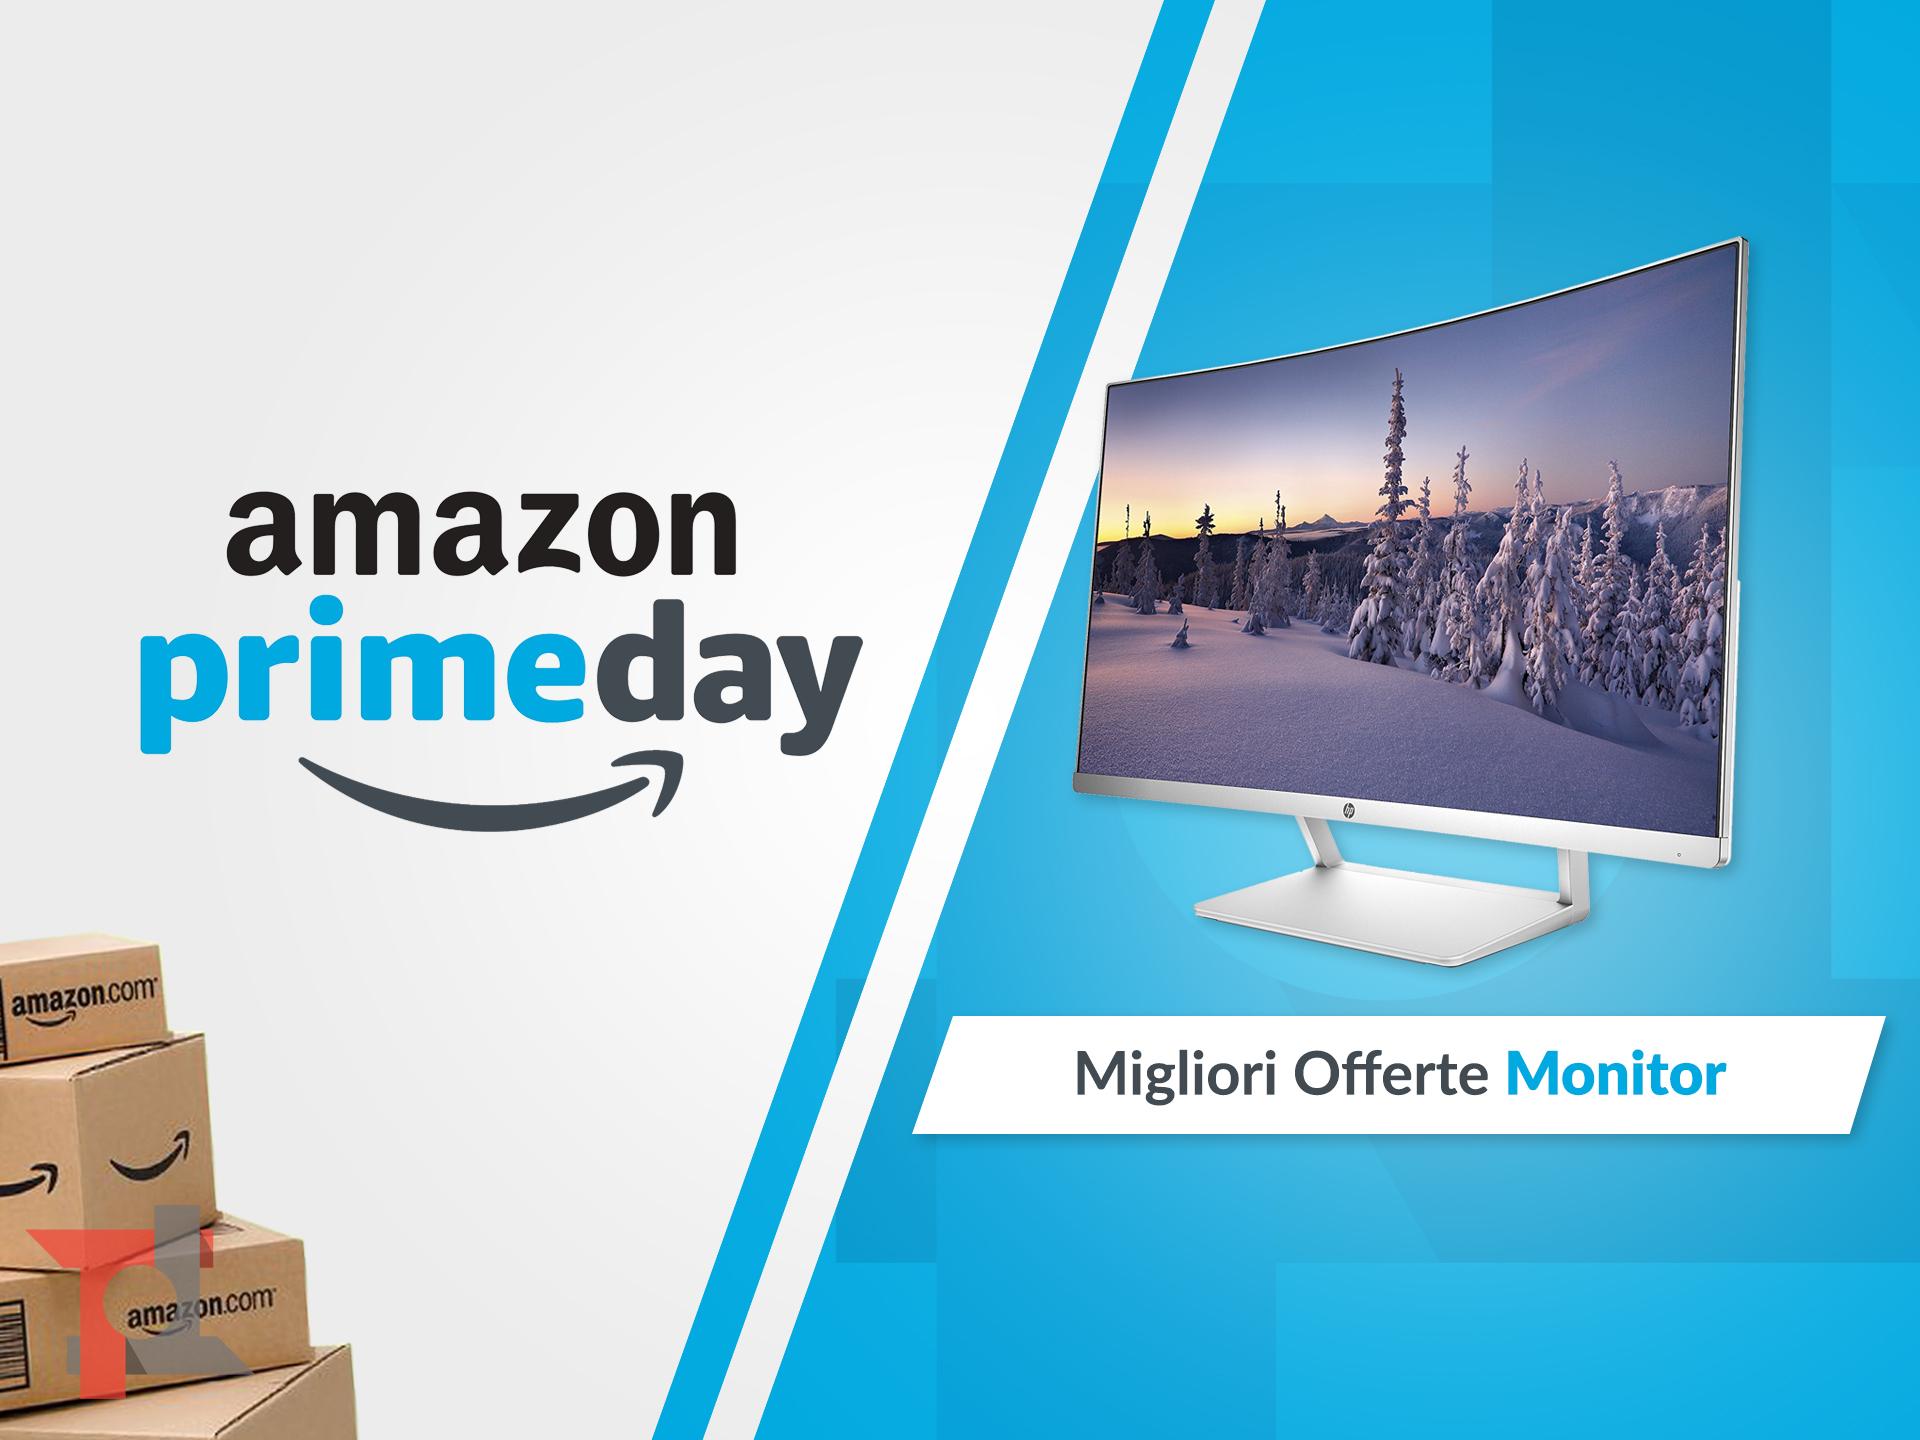 migliori offerte amazon prime day monitor